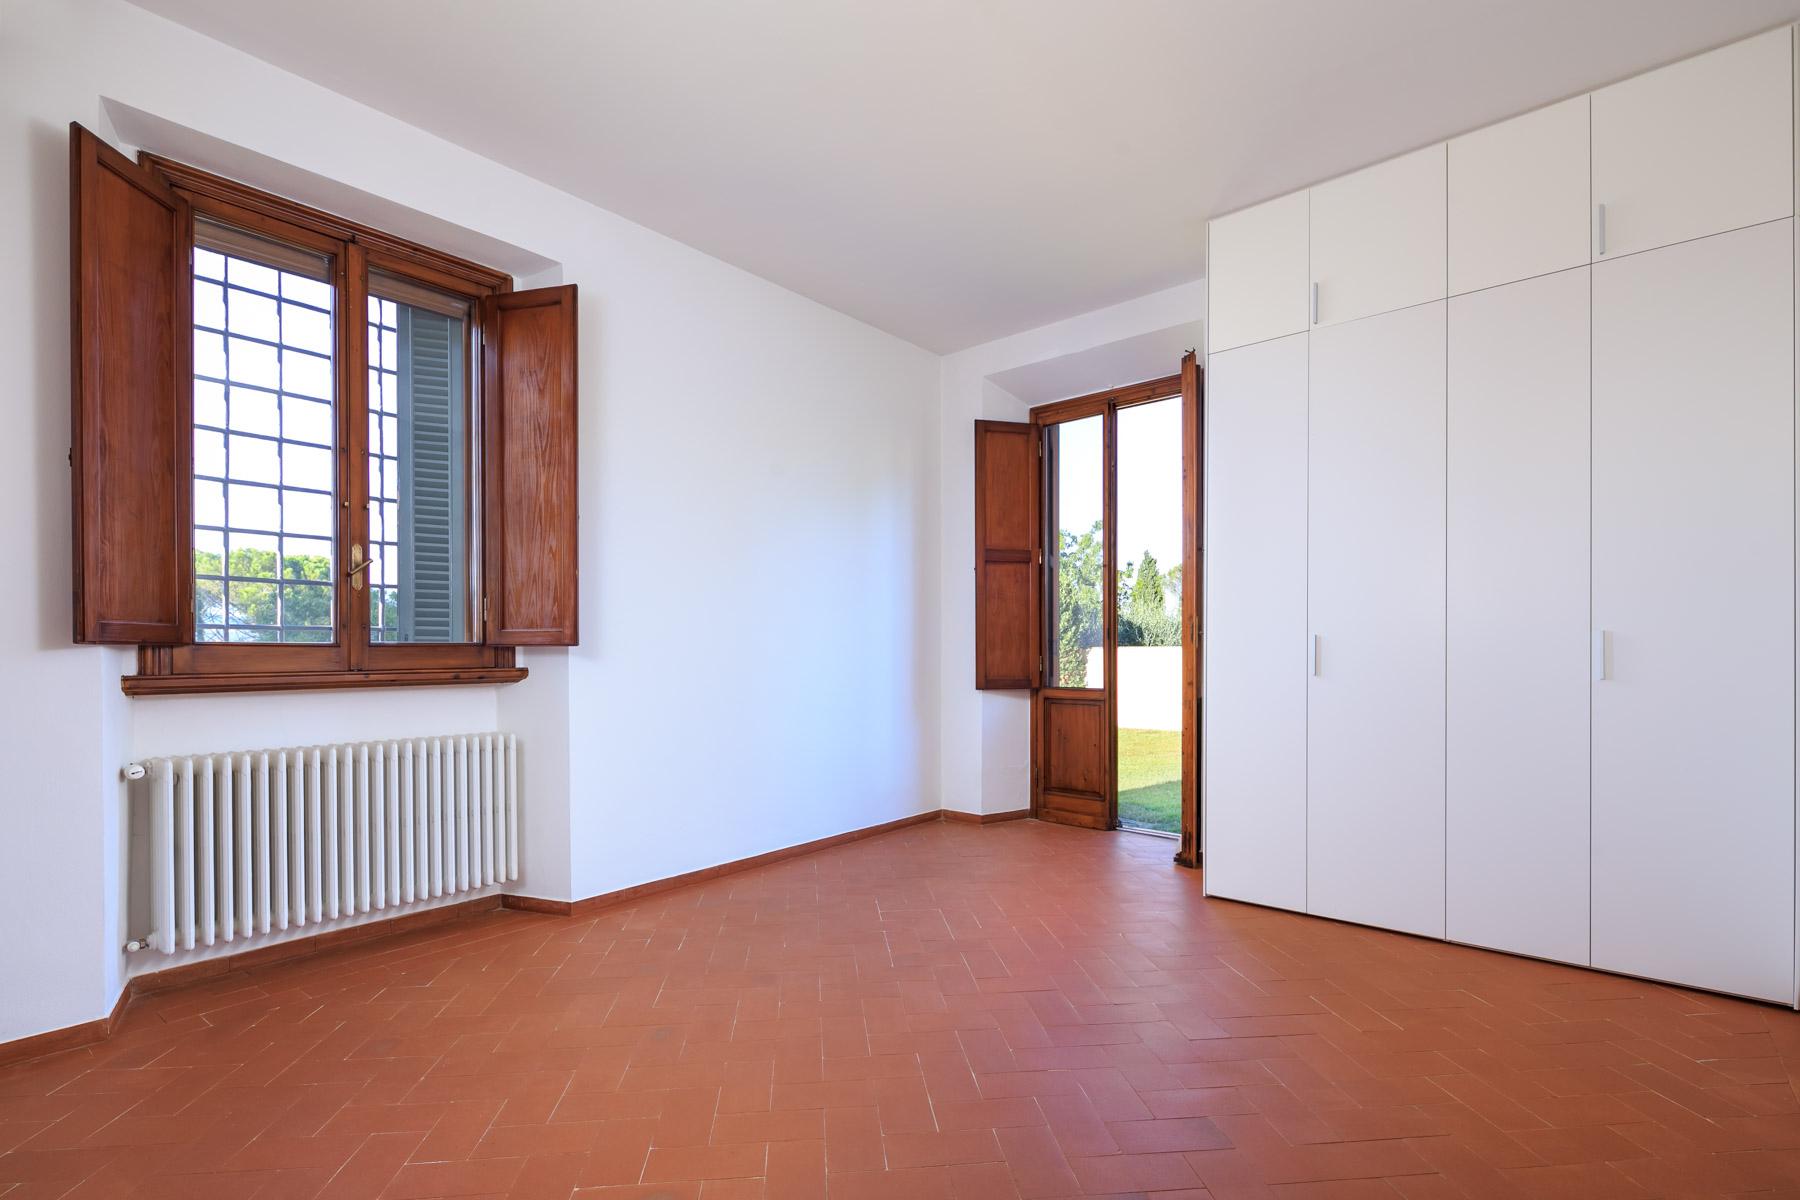 Villa in Vendita a Firenze: 5 locali, 350 mq - Foto 6